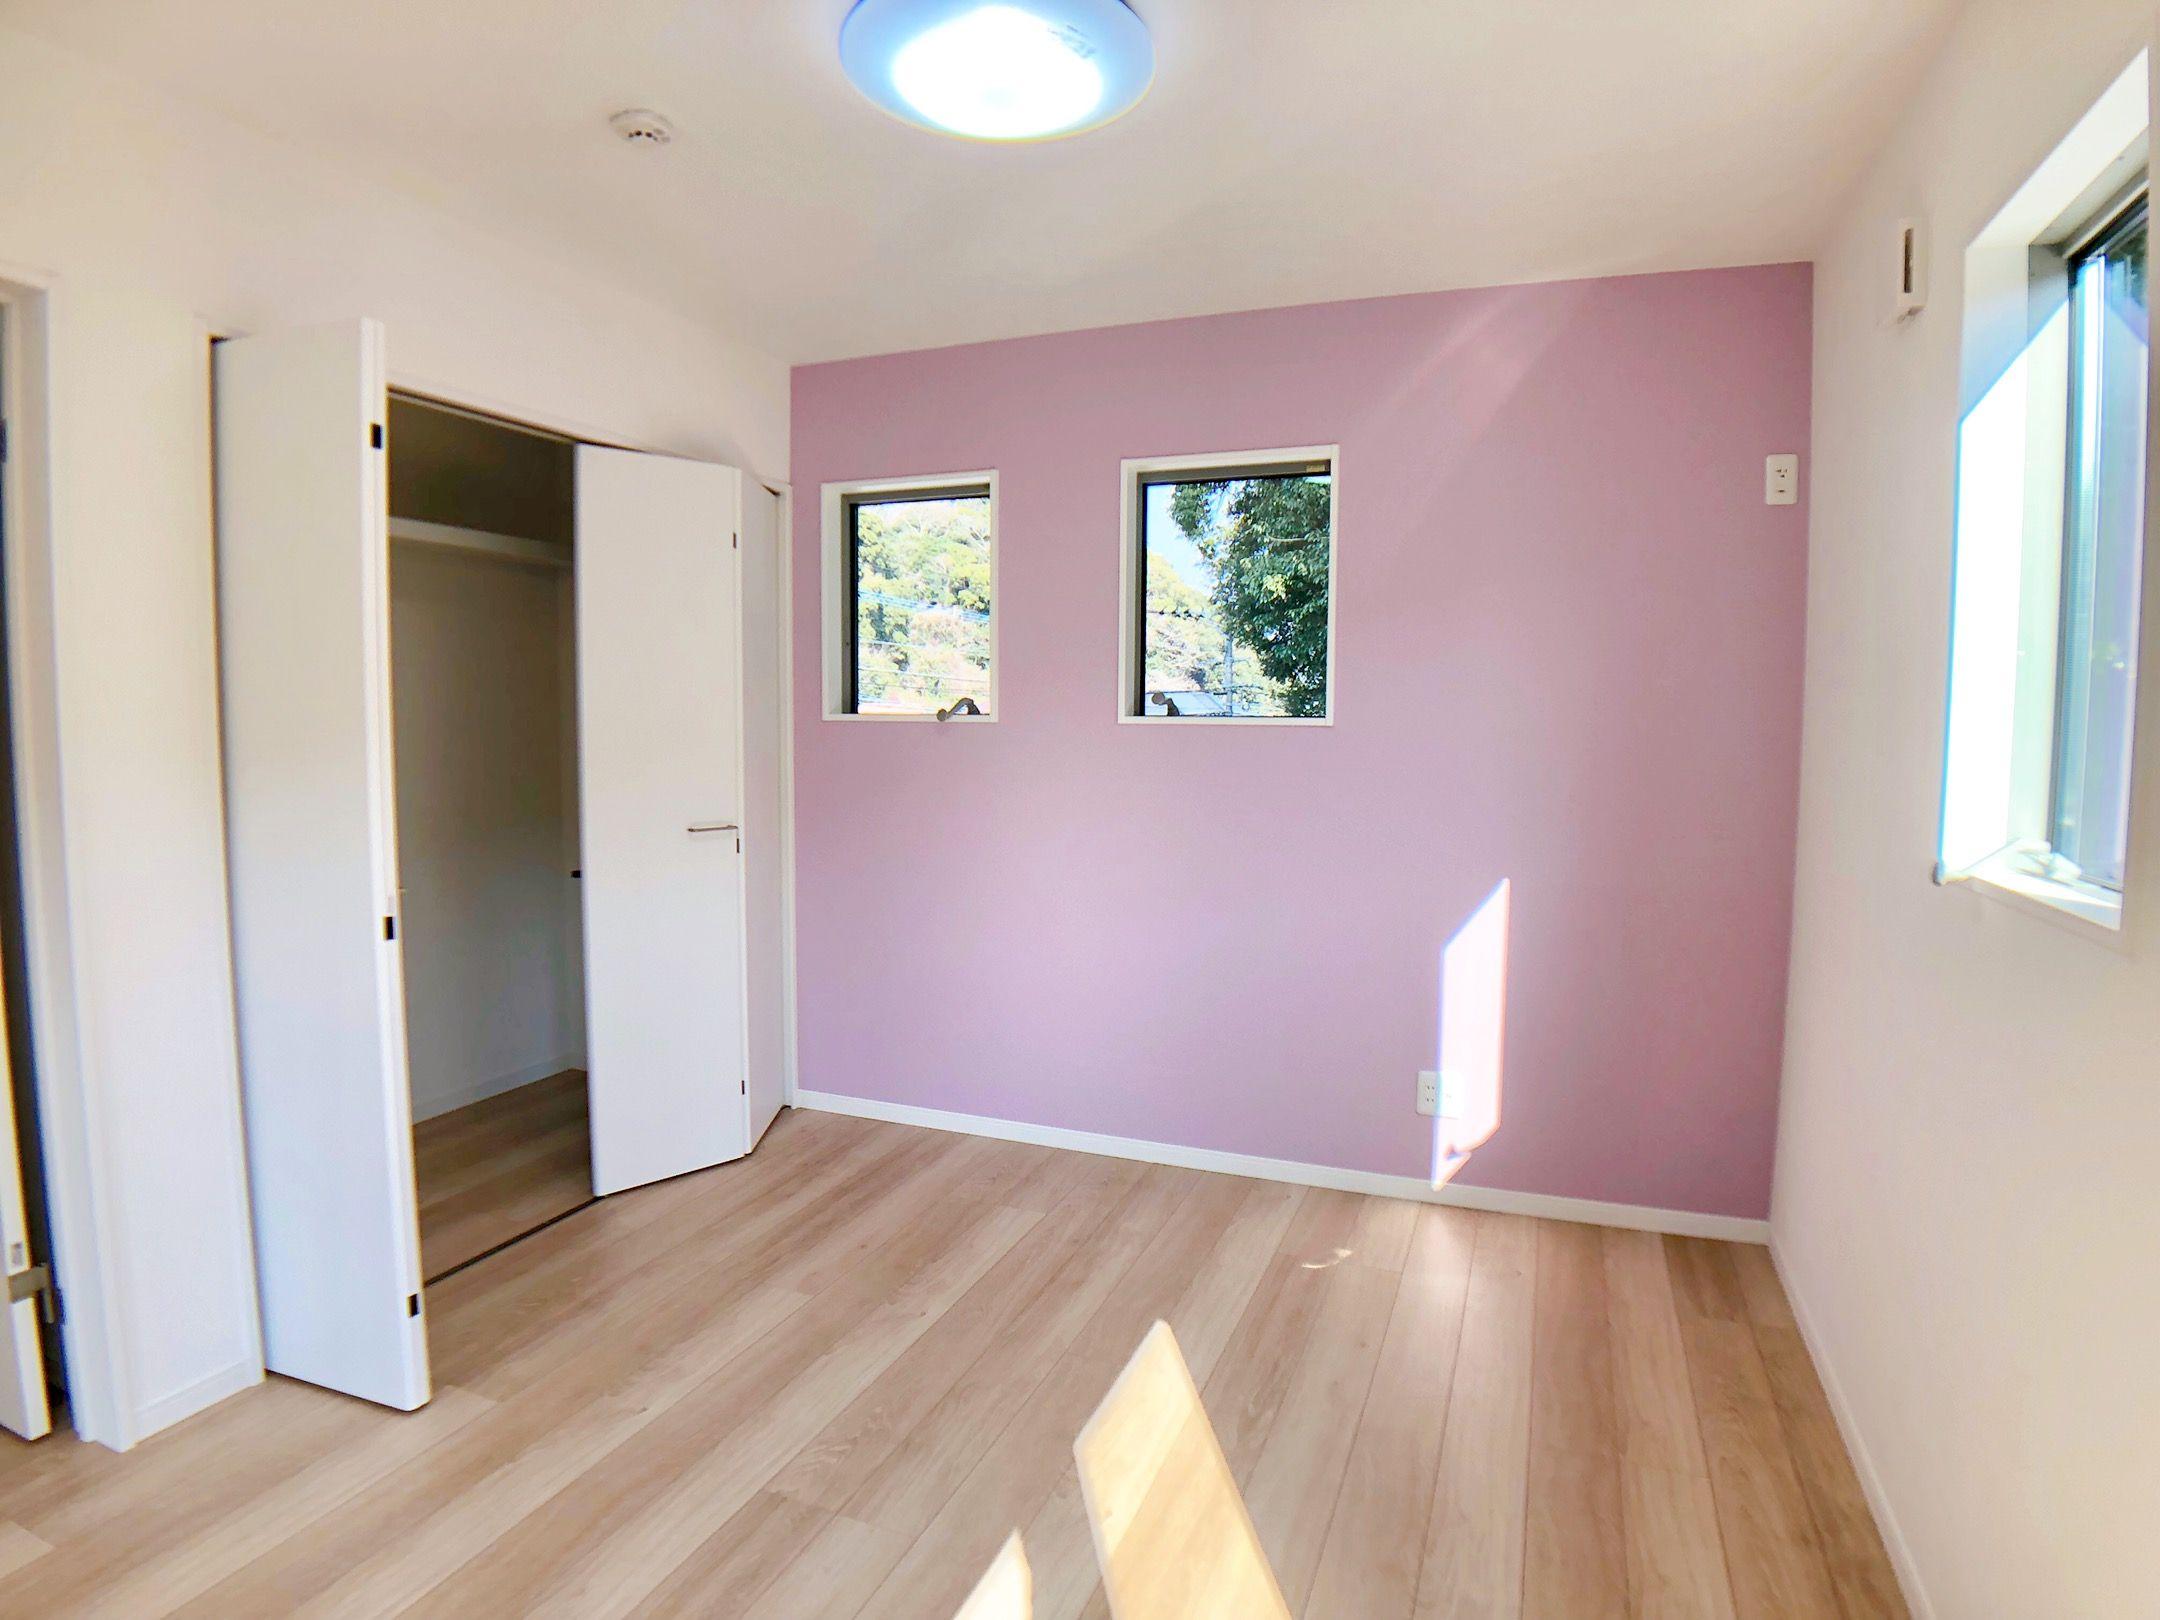 洋室 子ども部屋 壁紙 アクセントクロス ピンク フローリング ハウス